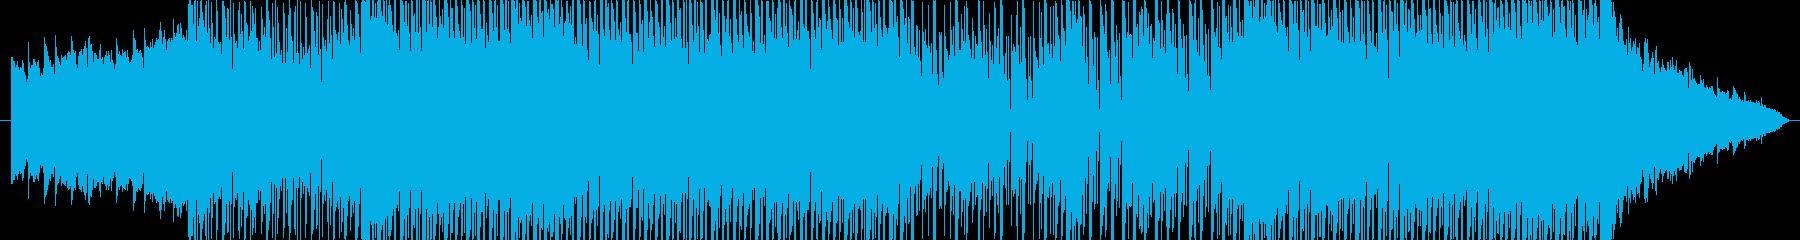 EDM3☆まったりしたギターEDM☆ の再生済みの波形